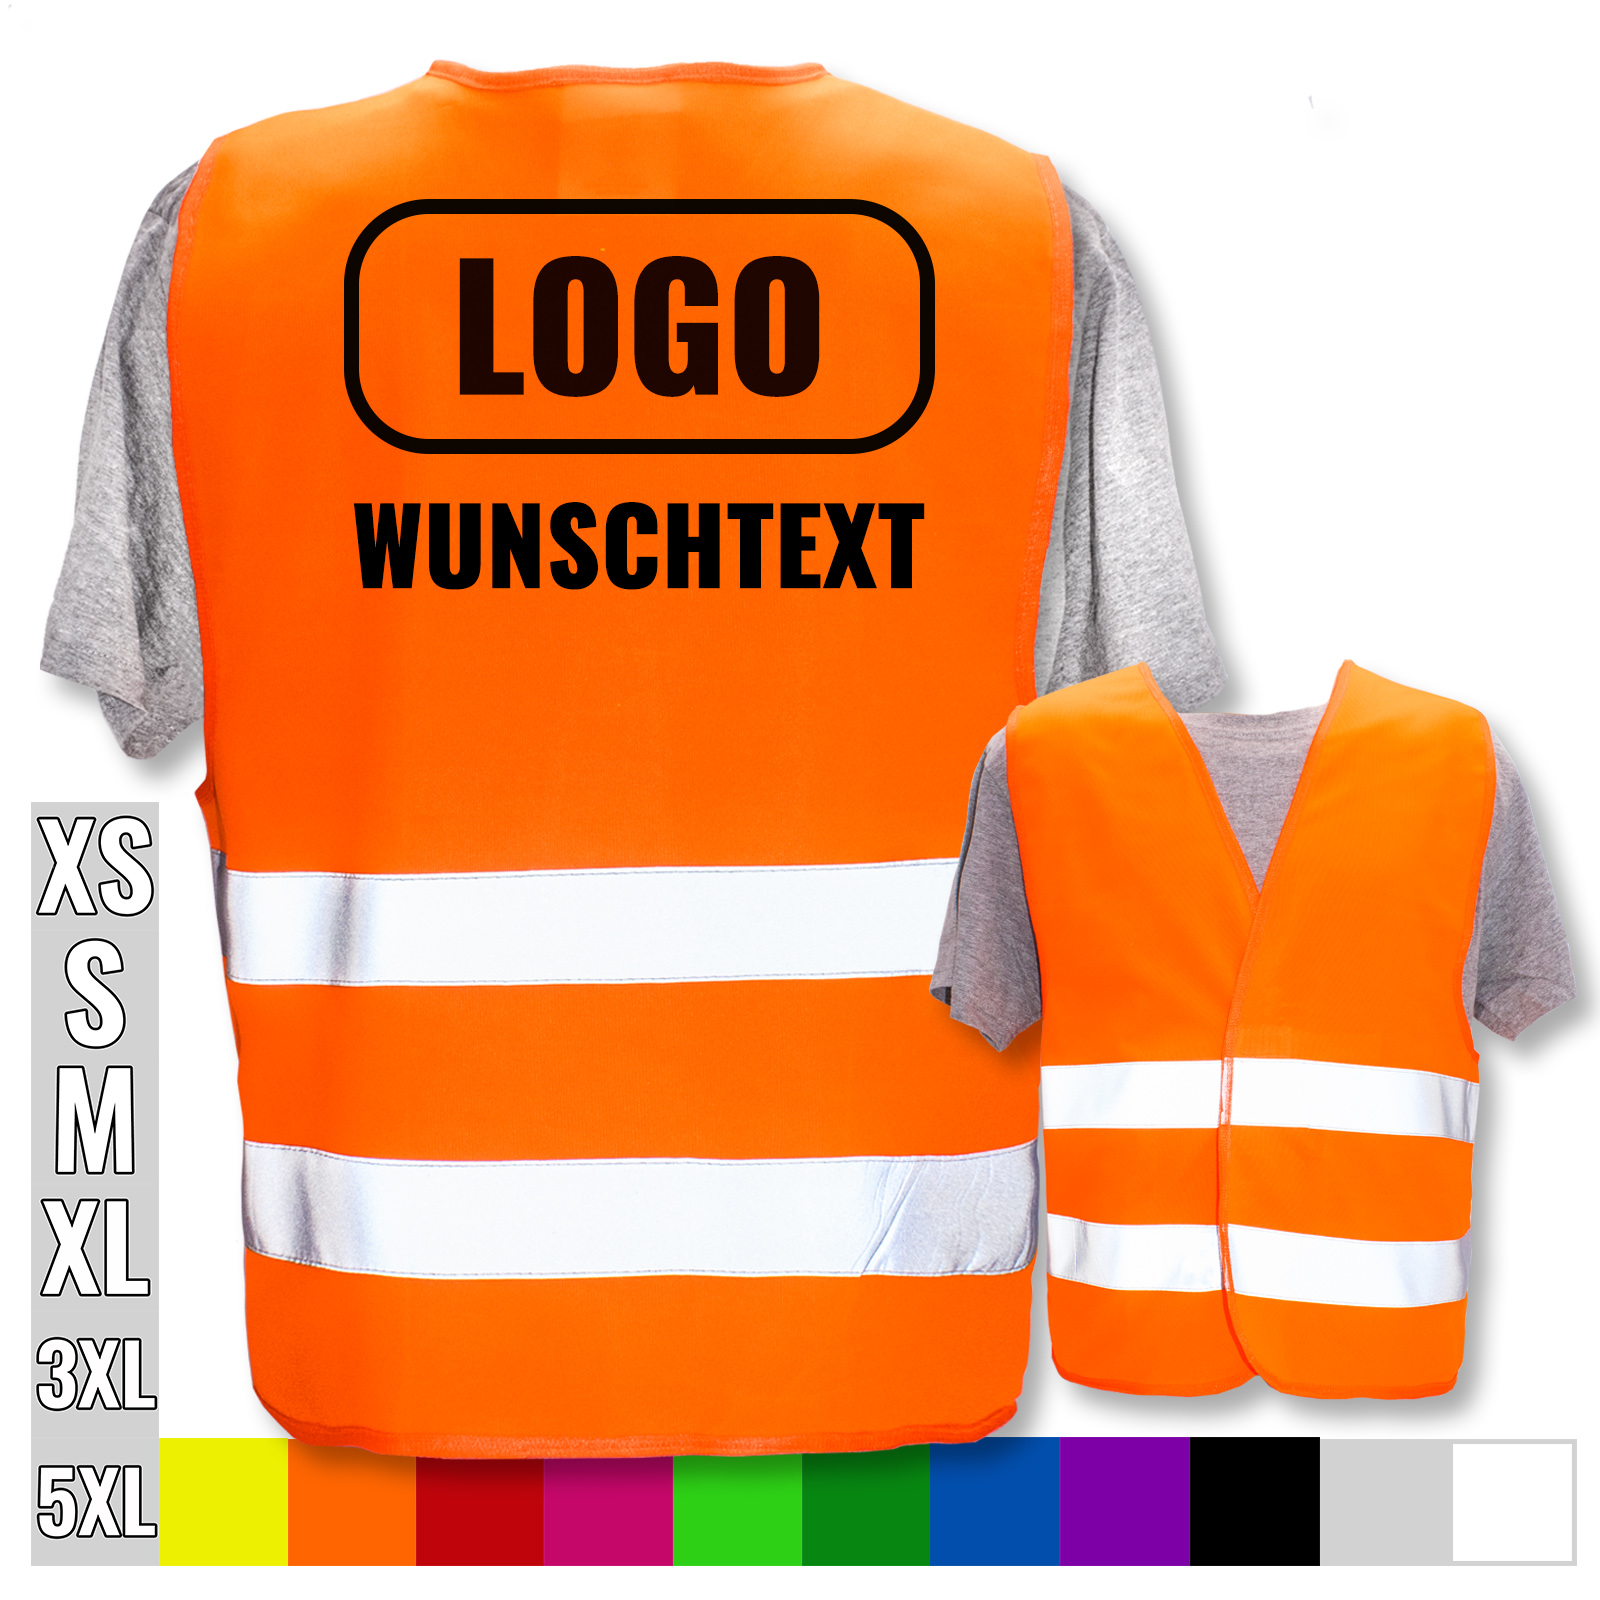 Pers/önliche Warnweste selbst gestalten mit eigenem Aufdruck * Bedruckt mit Name Text Bild Logo Firma 29 x 21 cm Farbe//Position:Orange//R/ücken Menge:1 Warnweste